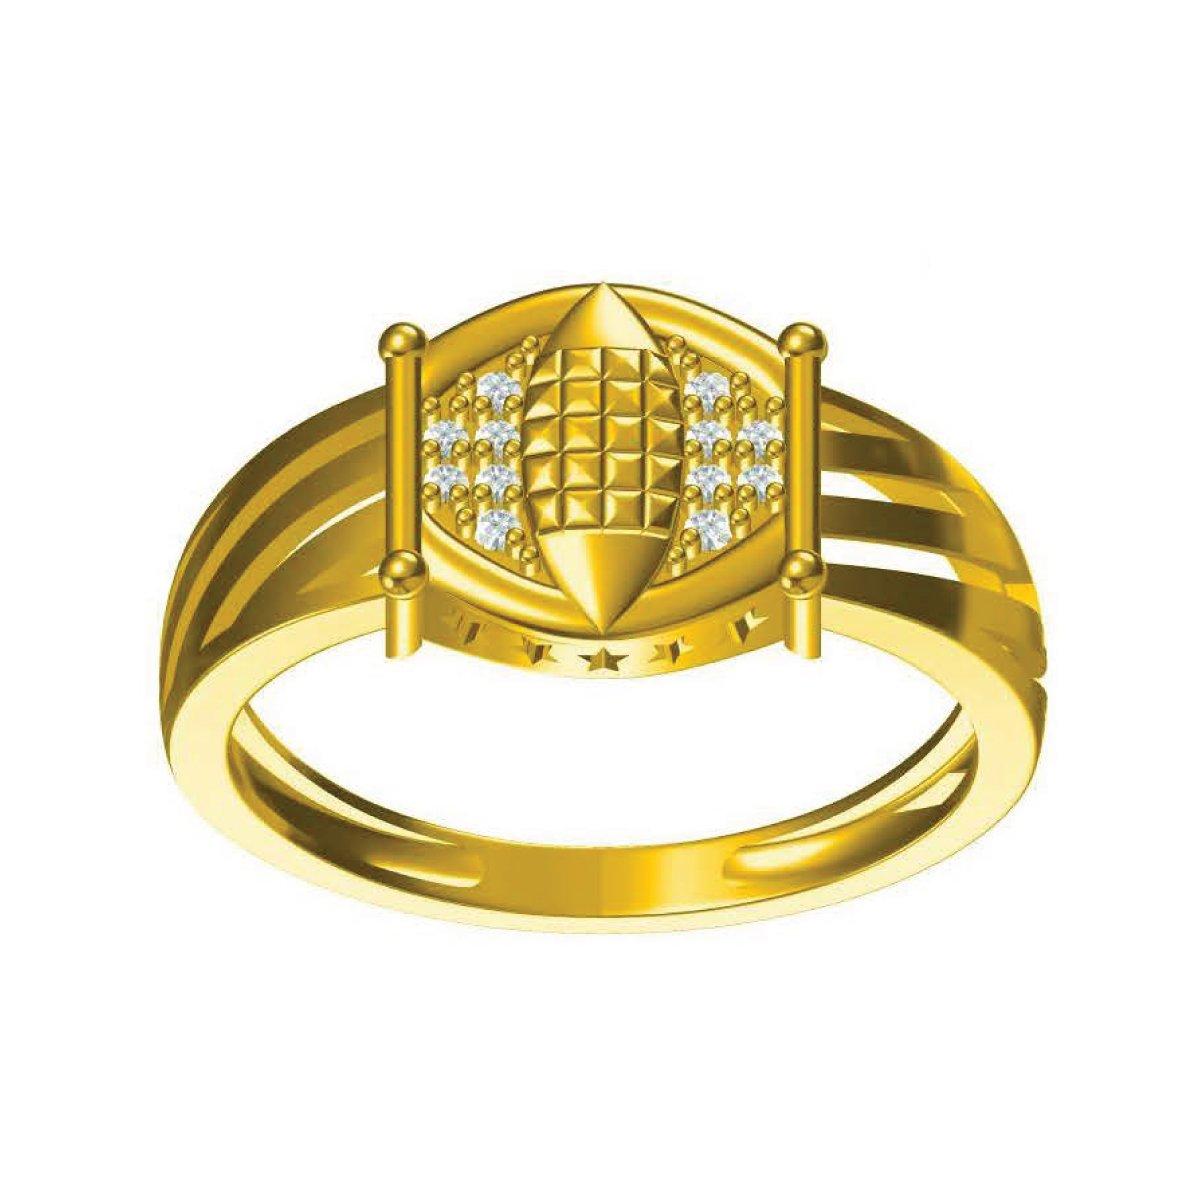 Swarna Sitara Gold Ring